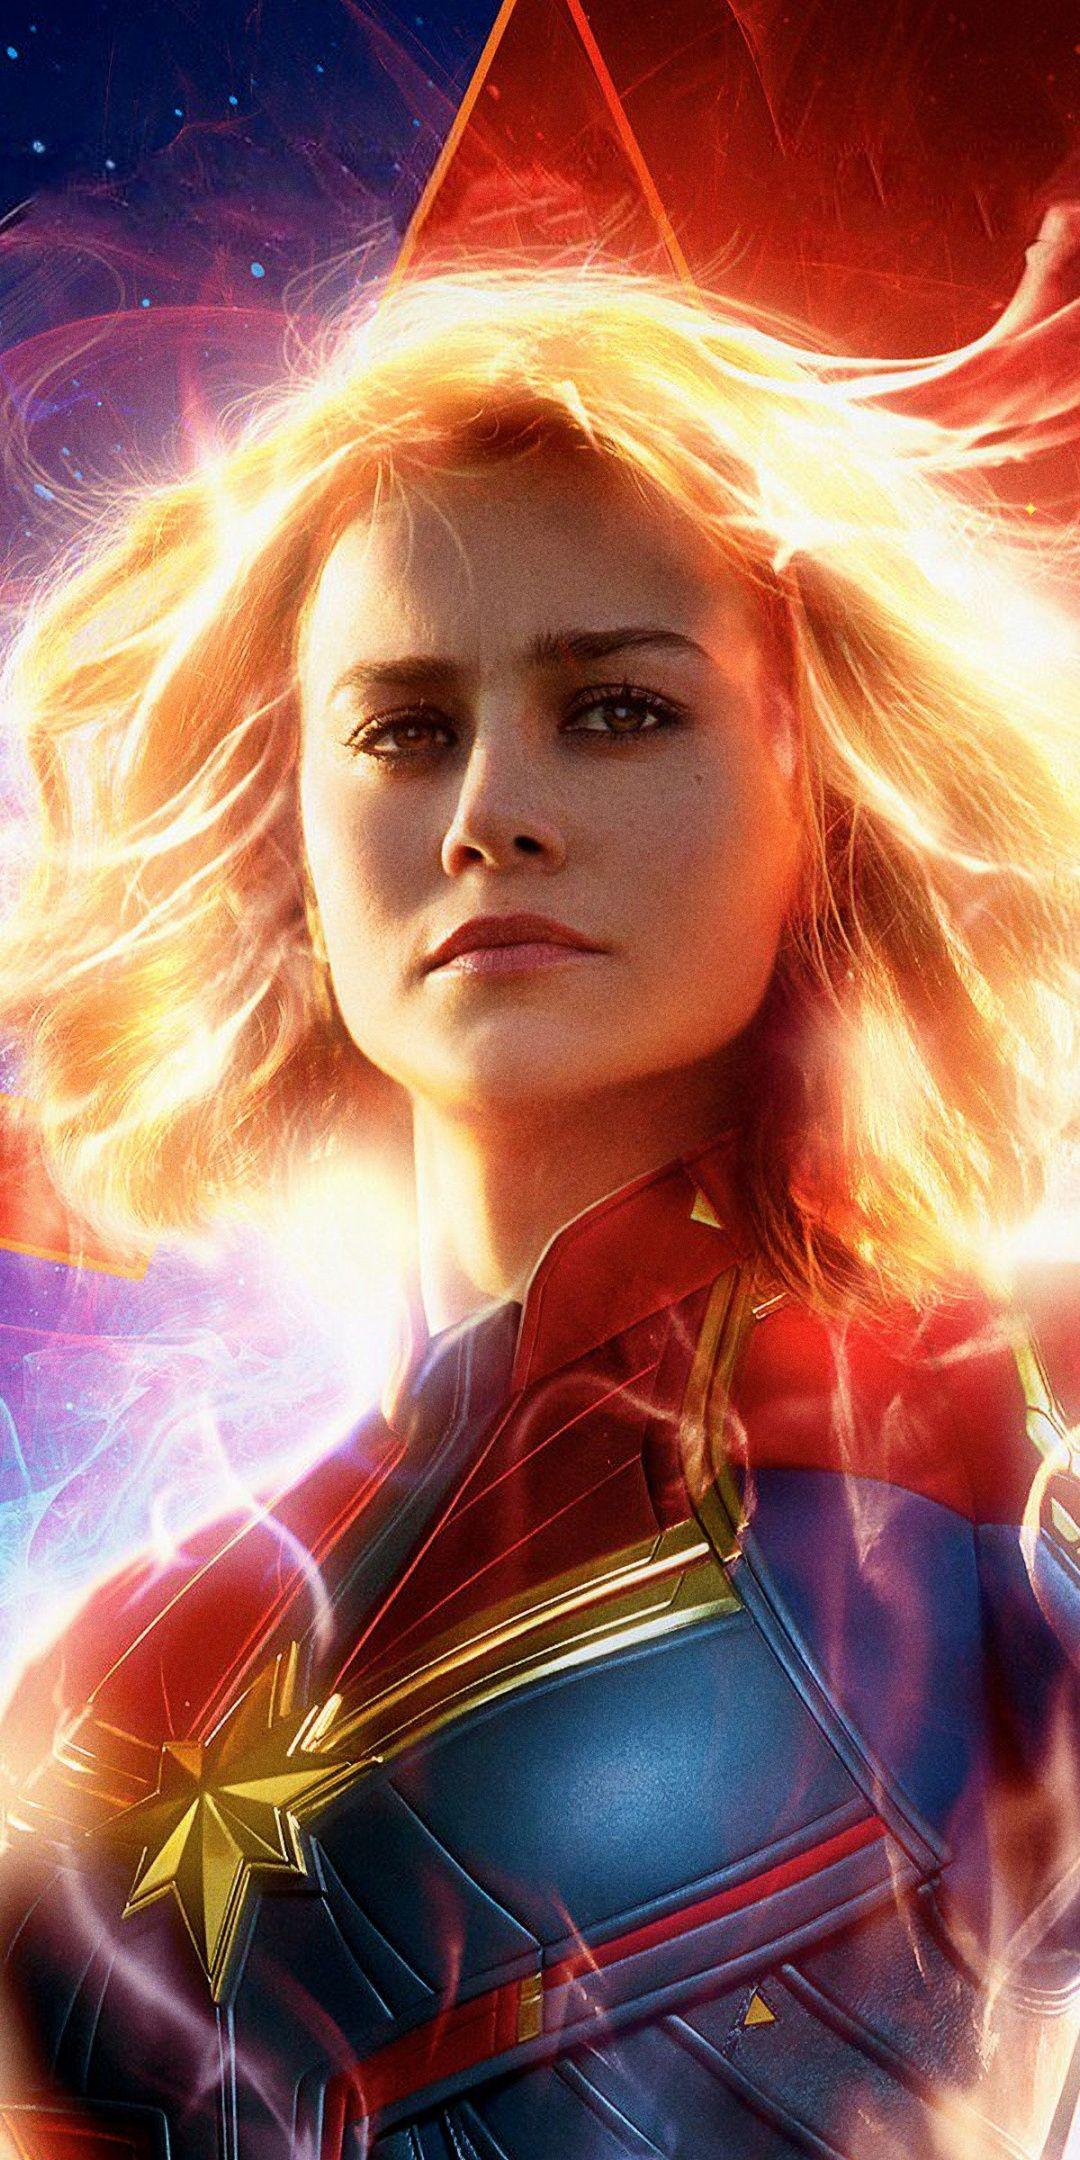 Captain Marvel Brie Larson 2019 1080x2160 Wallpaper Celebrity